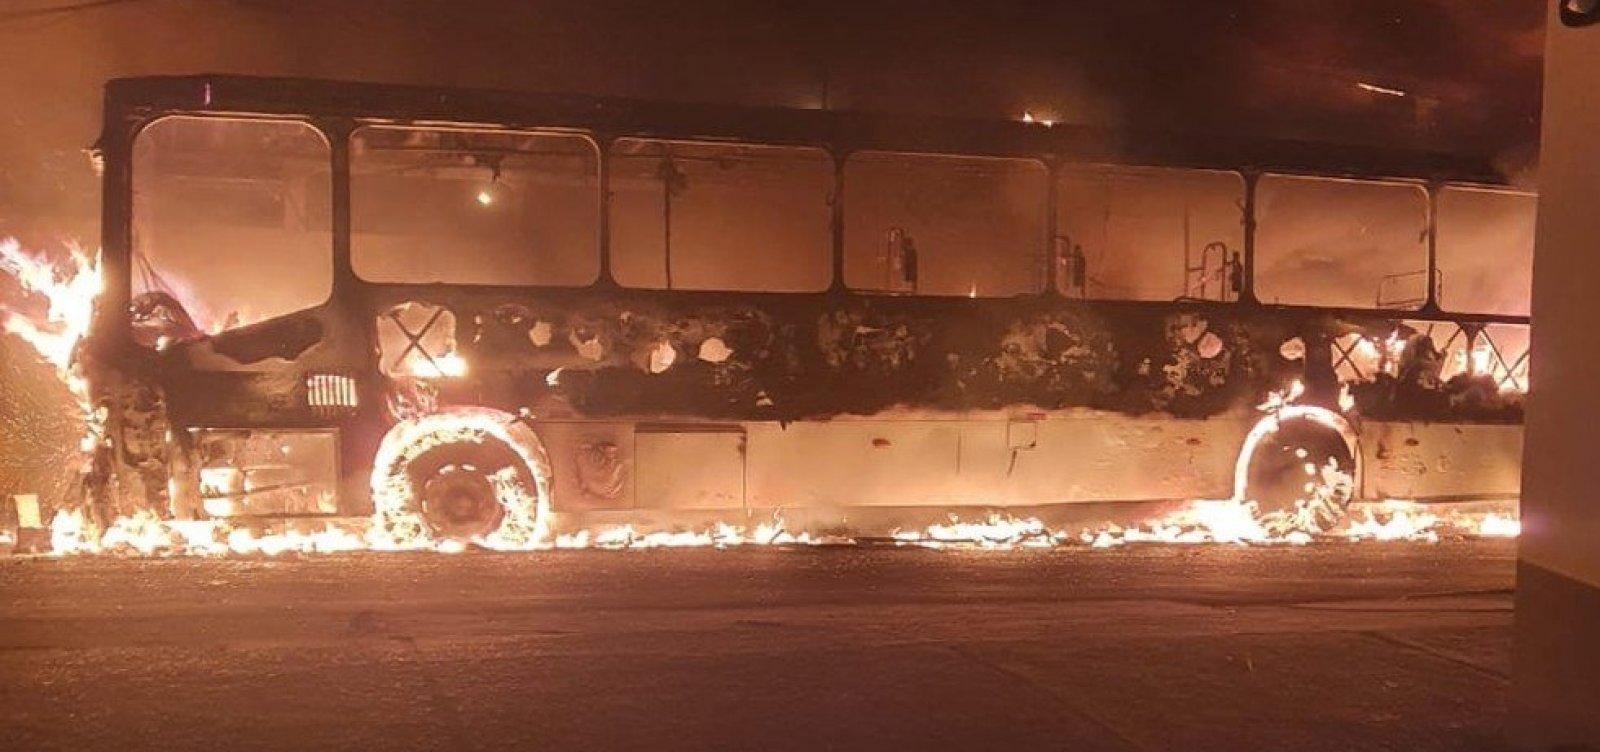 Ônibus pega fogo em Itapuã na madrugada deste domigo